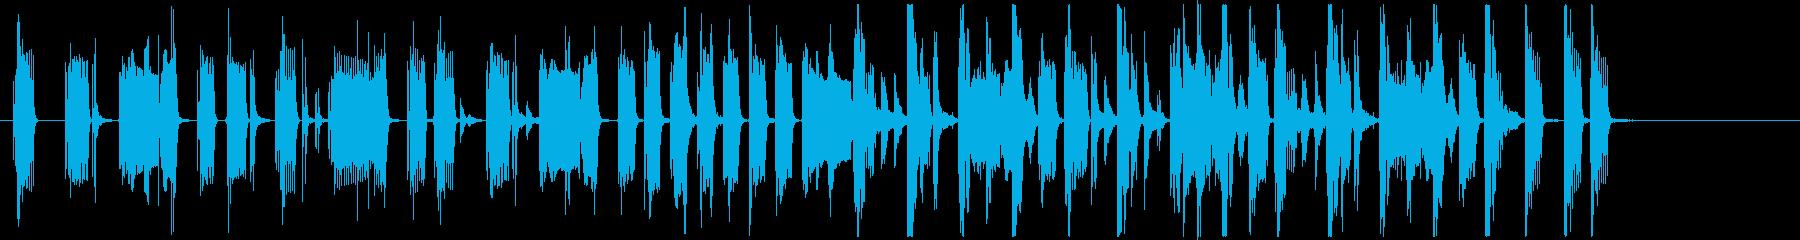 グルーヴィベース&ファンキーリズムのロゴの再生済みの波形